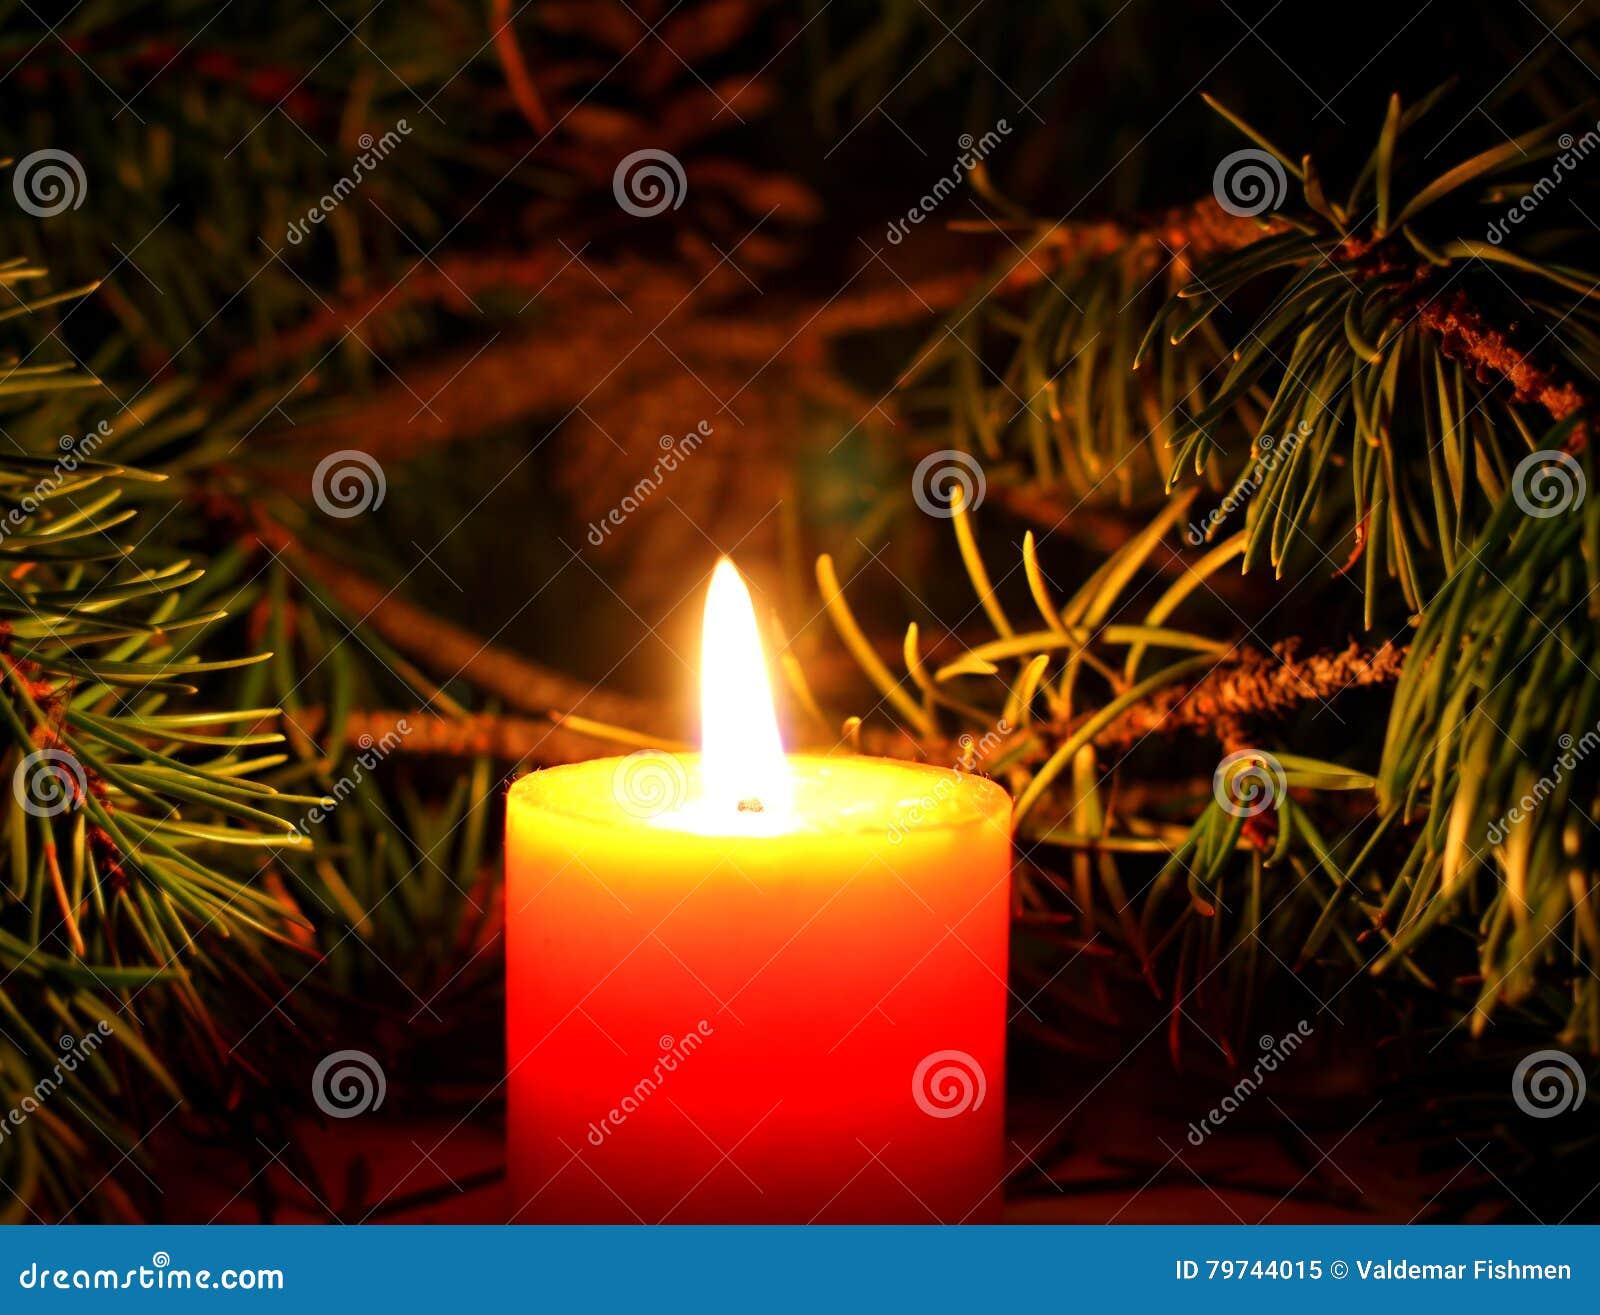 Vela de la Navidad con brunch del árbol del ` s del Año Nuevo en fondo oscuro